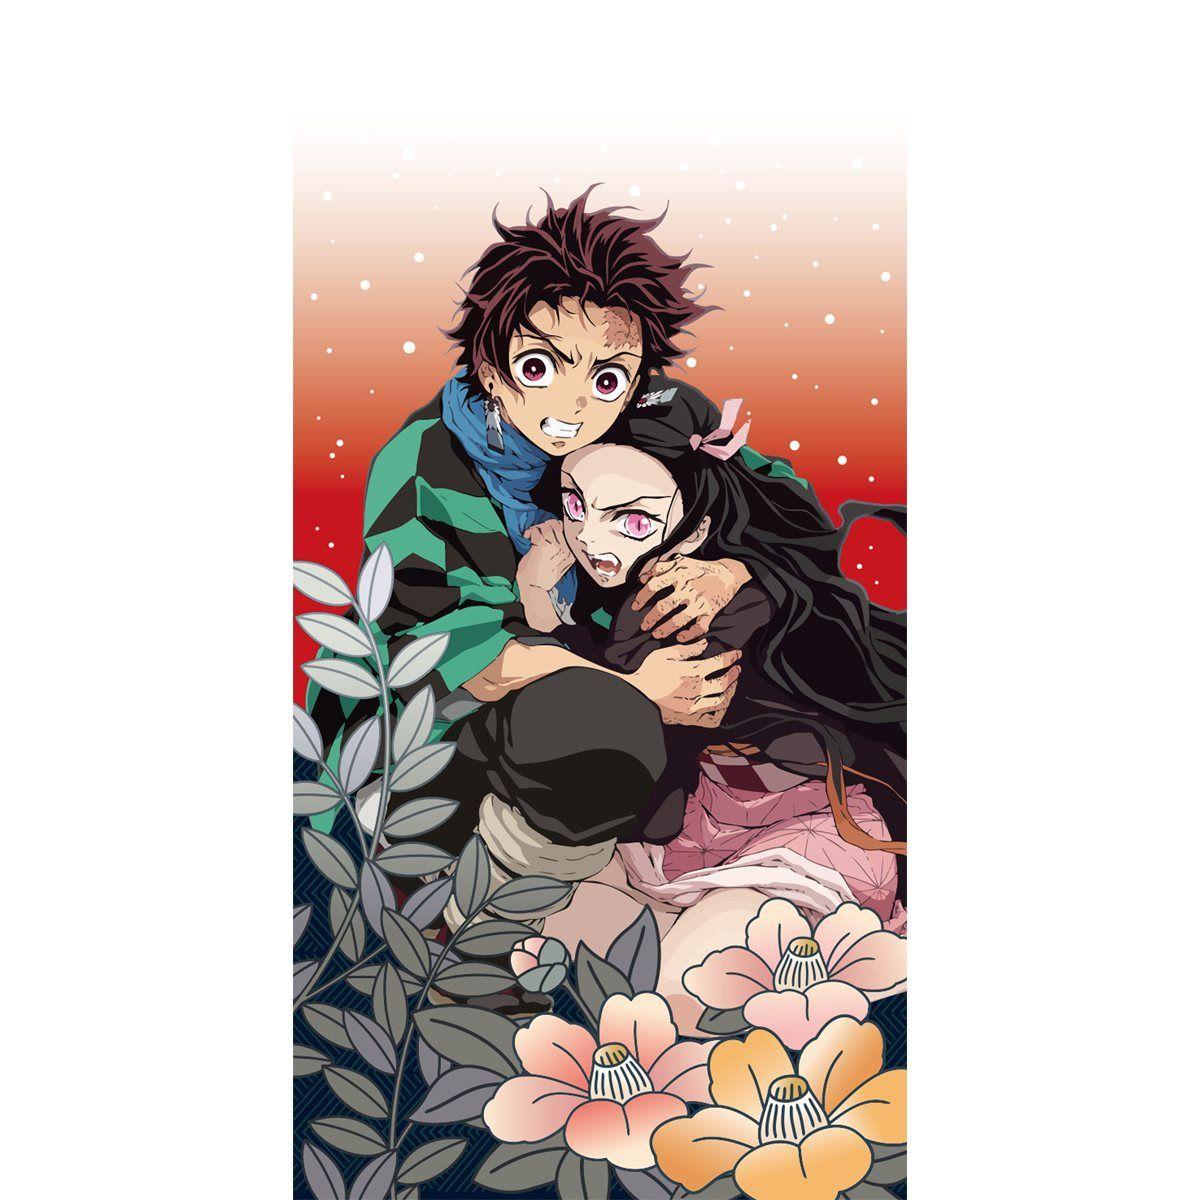 Demon Slayer Kimetsu No Yaiba Tanjiro And Nezuko Bath Towel Anime Demon Anime Demon